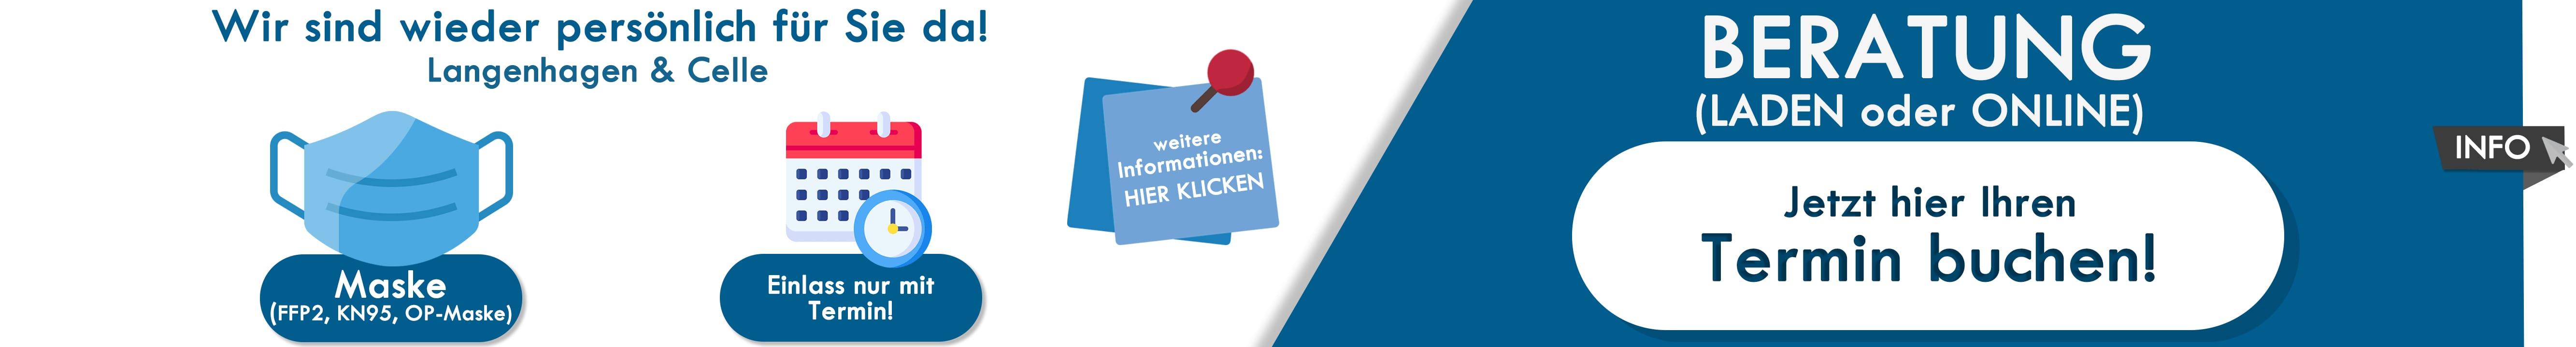 info-startseite-corona-aktuell-min